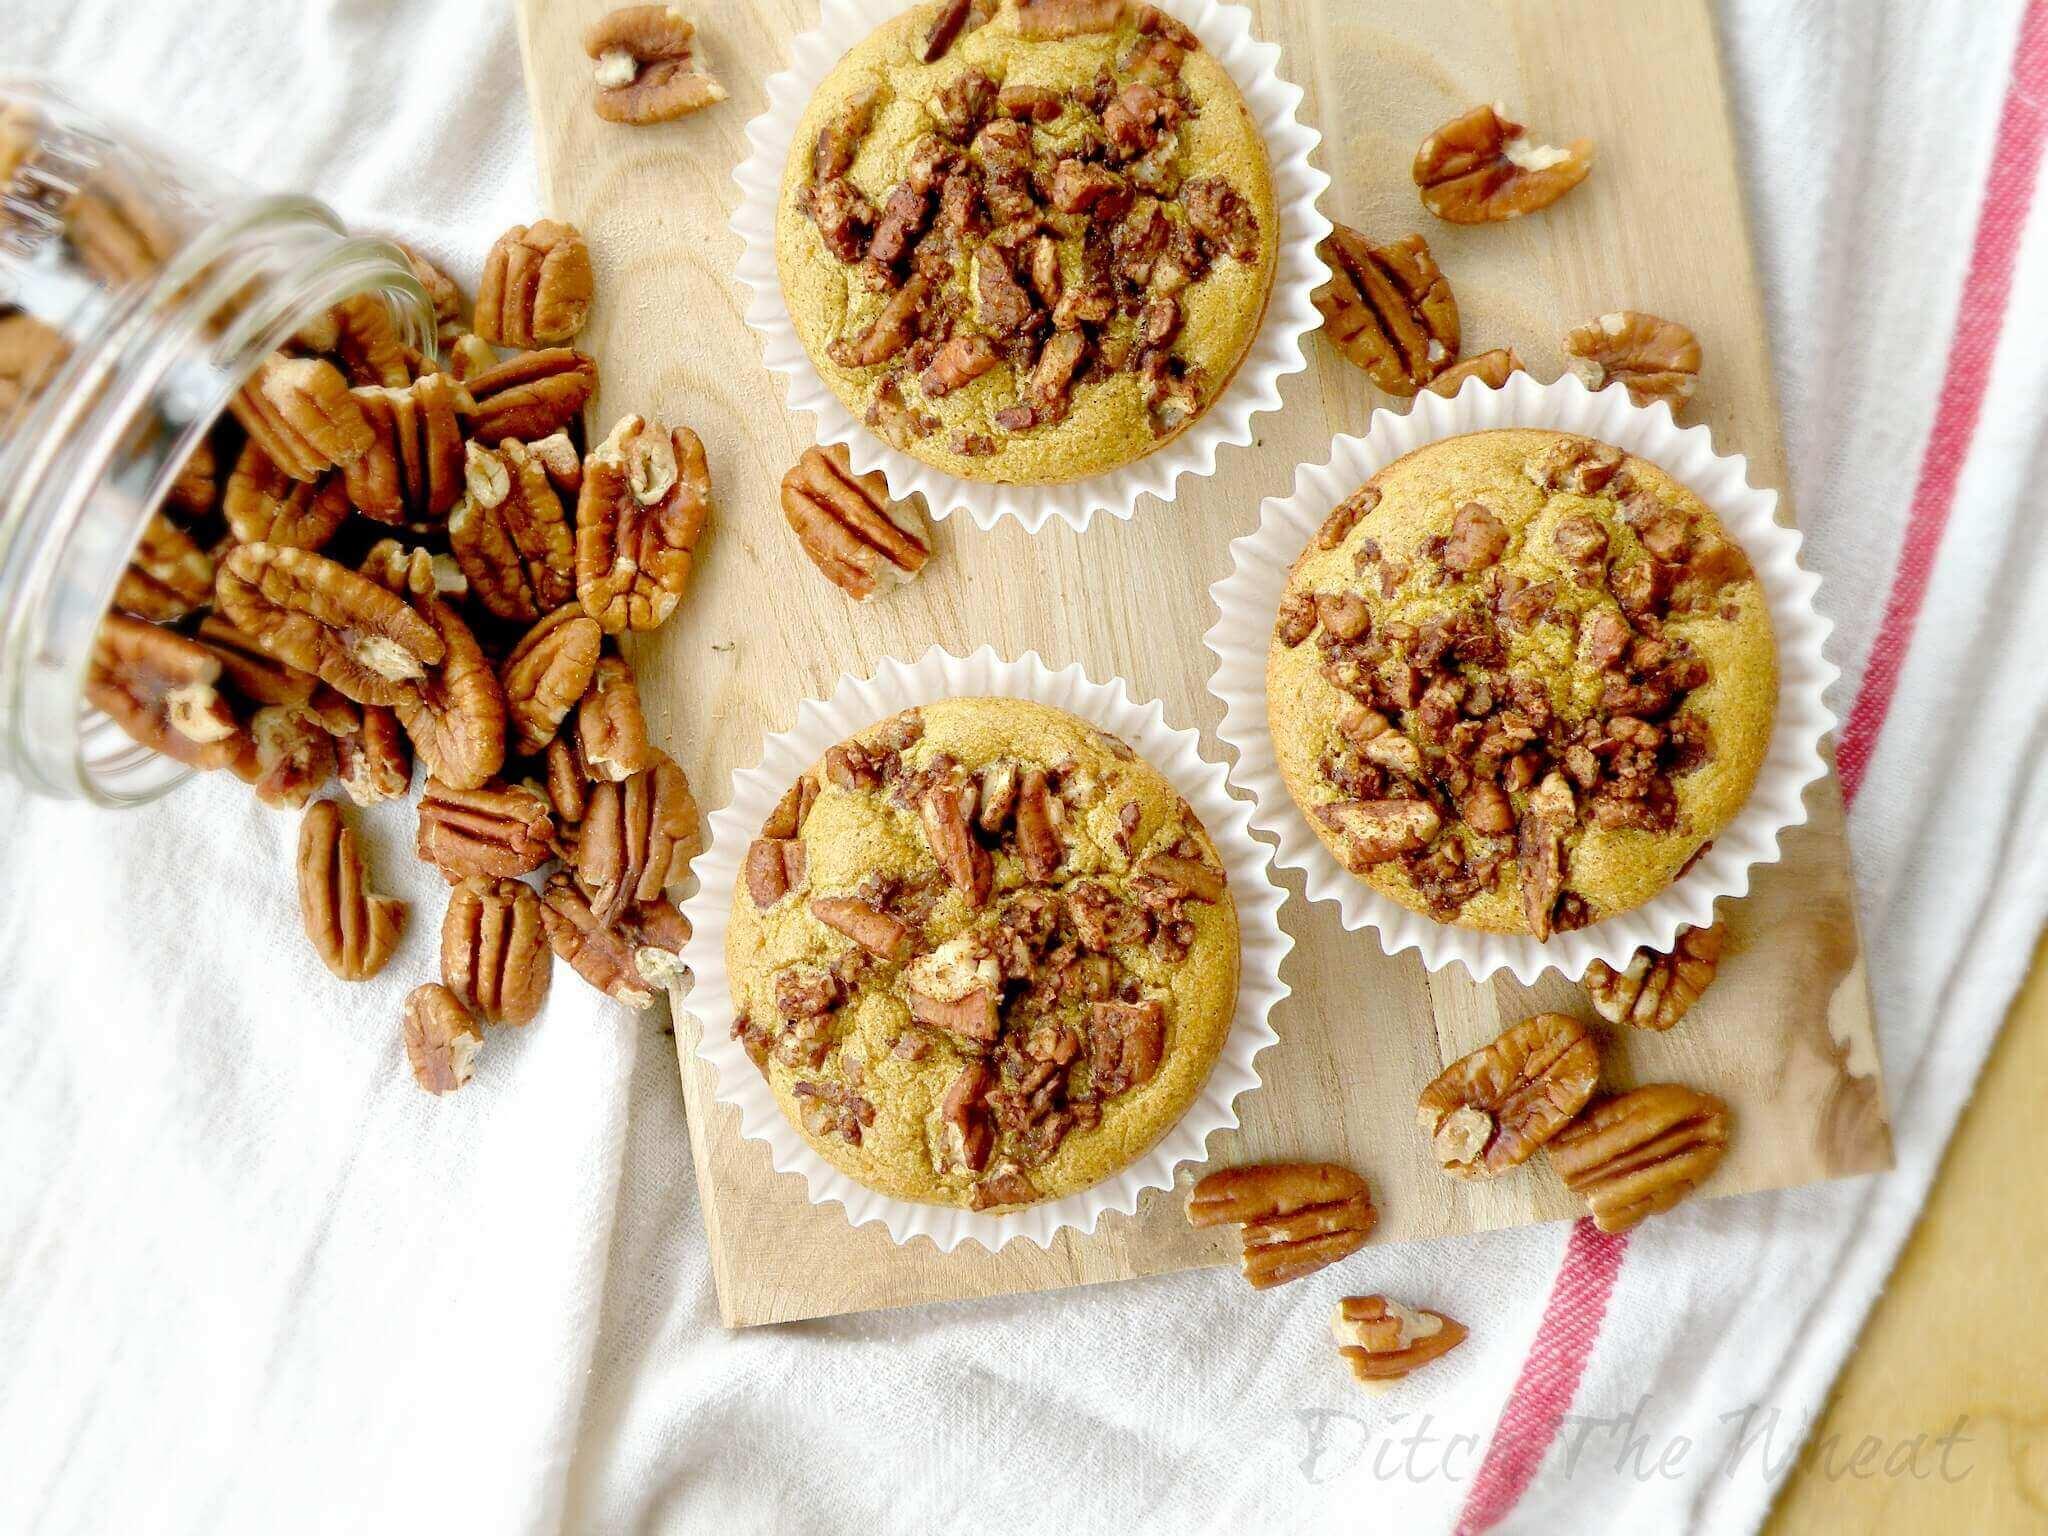 Gluten-free Maple Pecan Muffins